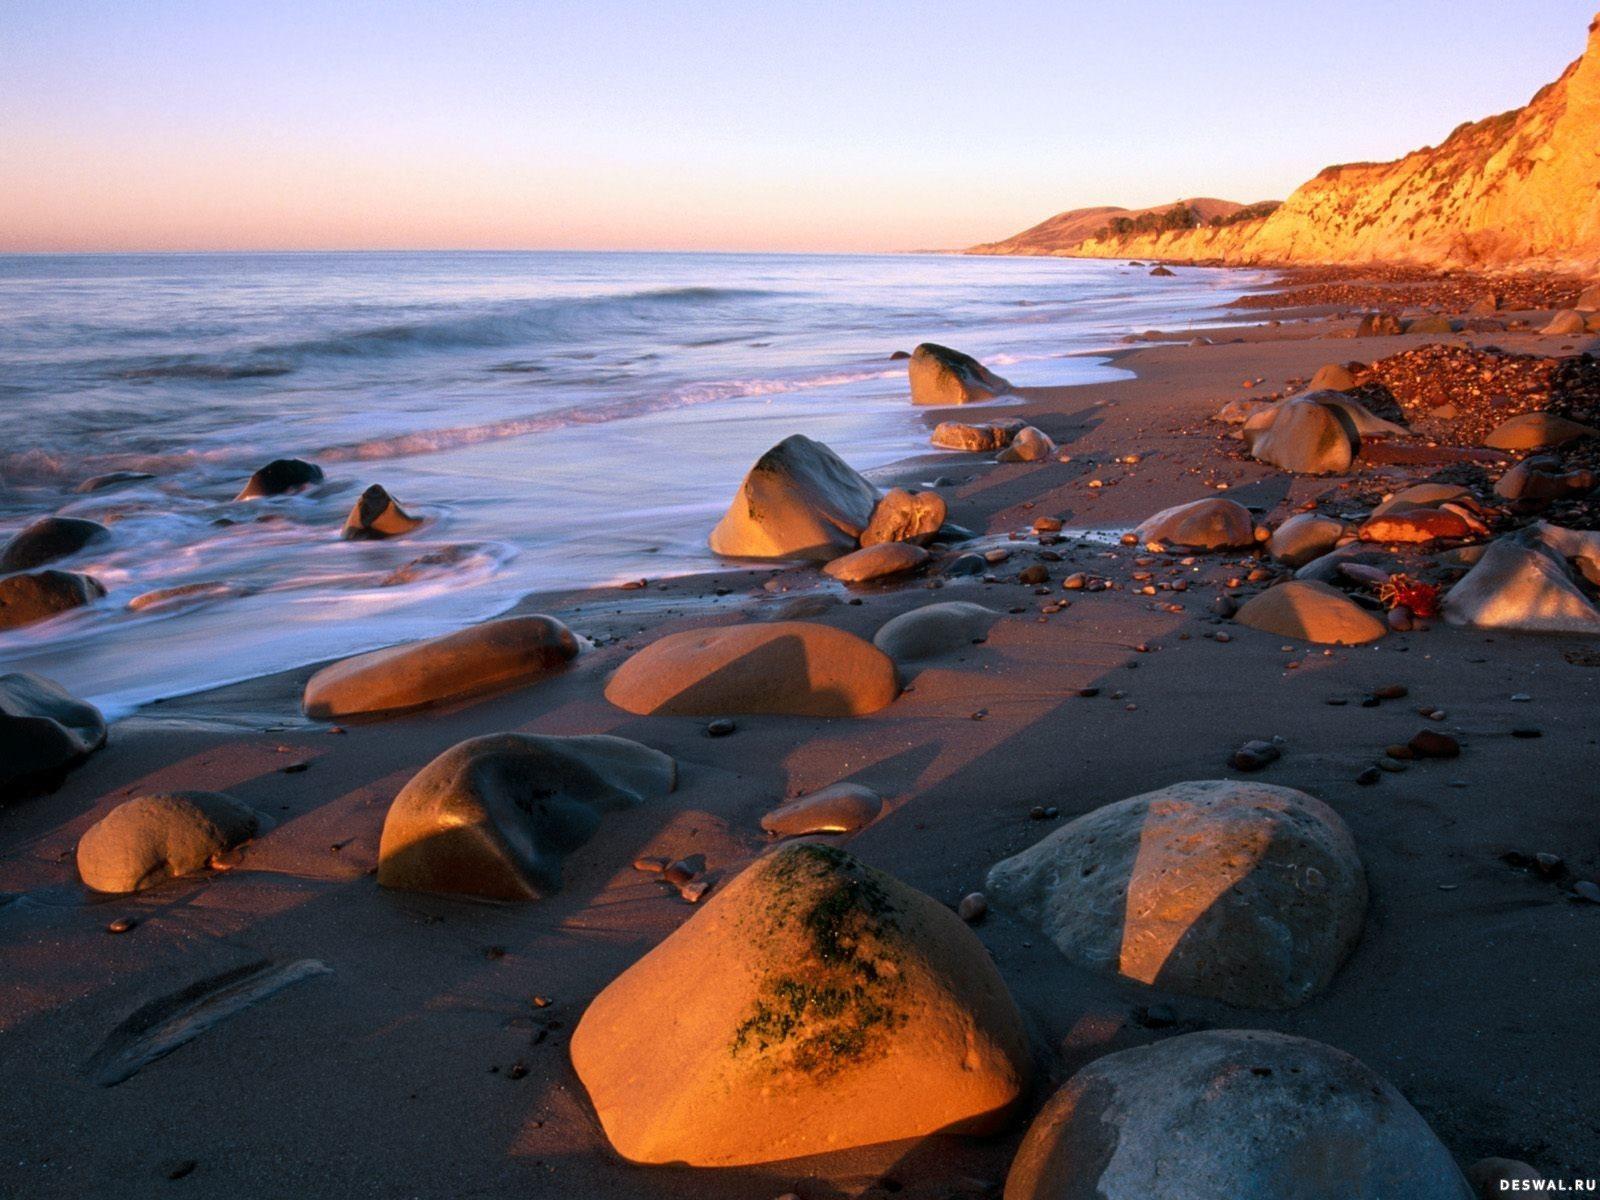 Фото 77.. Нажмите на картинку с обоями природы - пляж, чтобы просмотреть ее в реальном размере